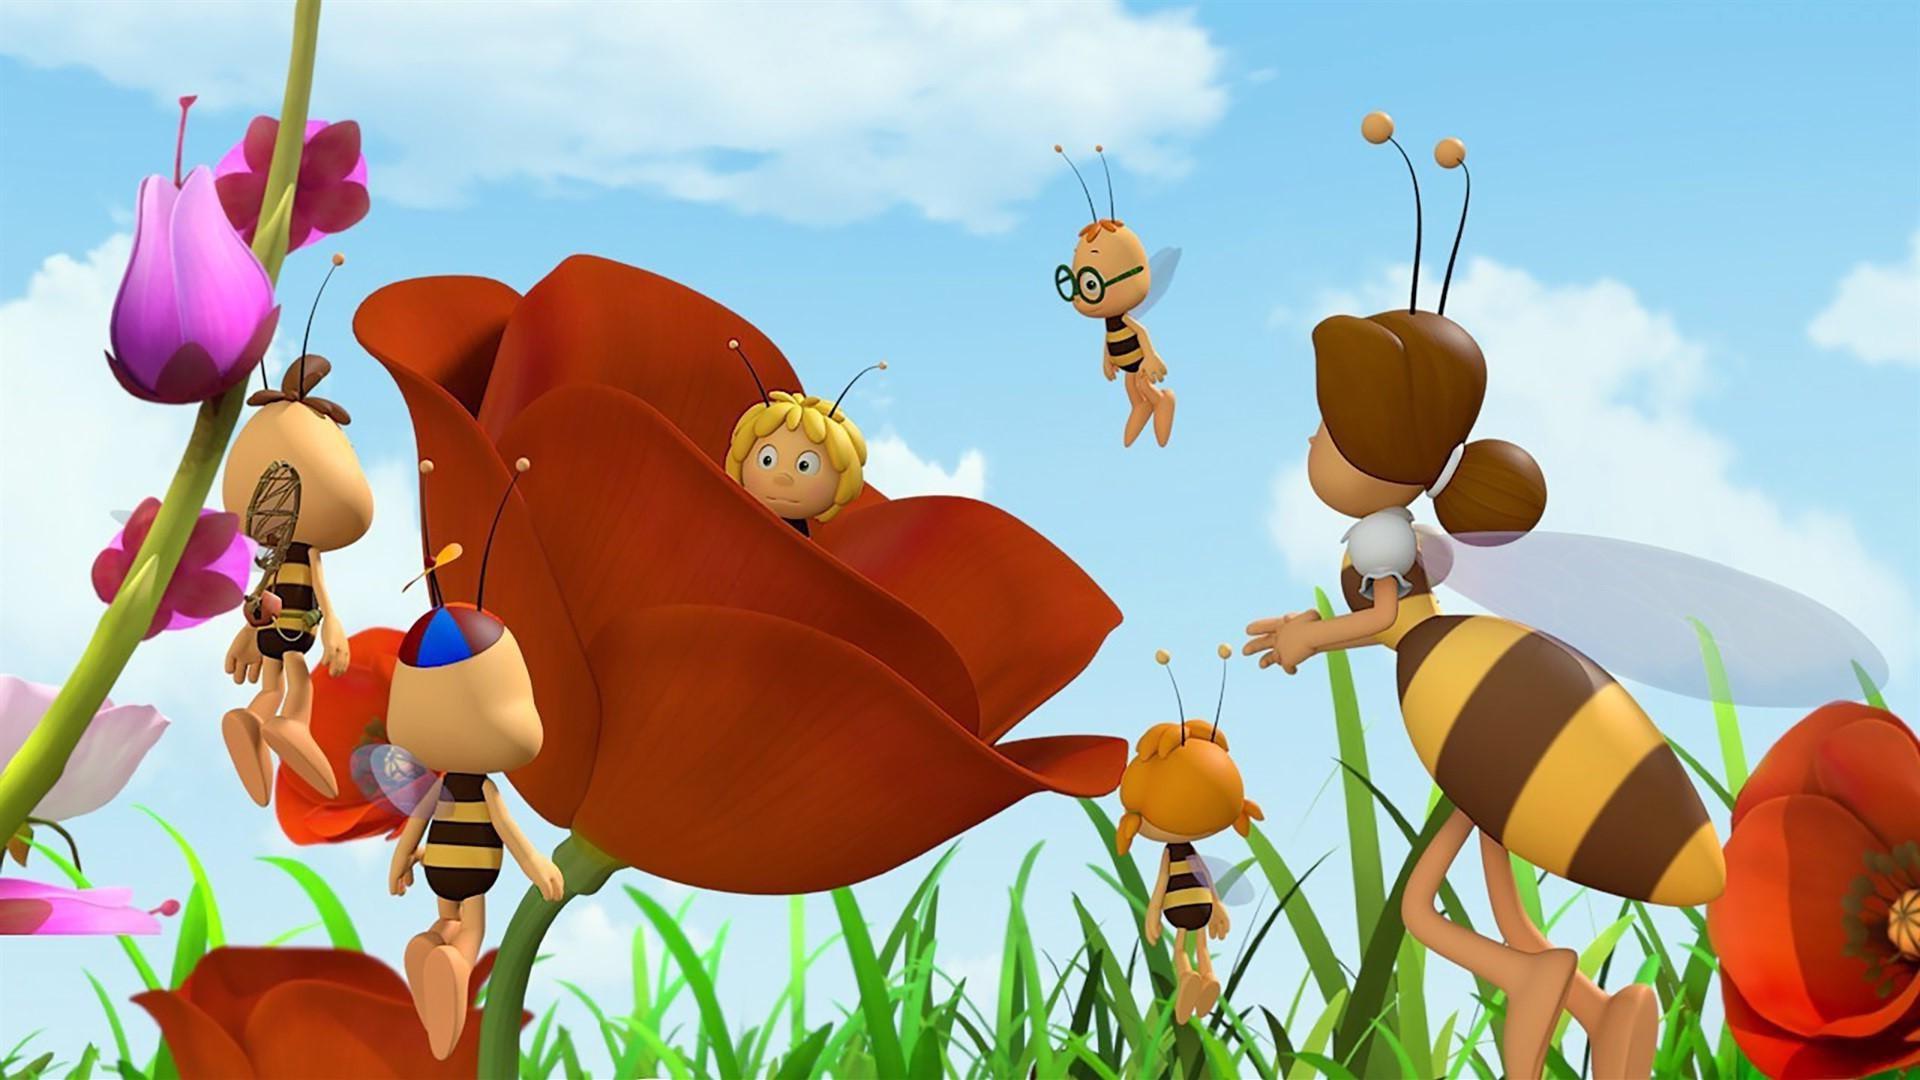 Biene Maja Und Willi Ausmalbilder Frisch 21 Neu Ausmalbilder Biene Maja – Malvorlagen Ideen Bilder